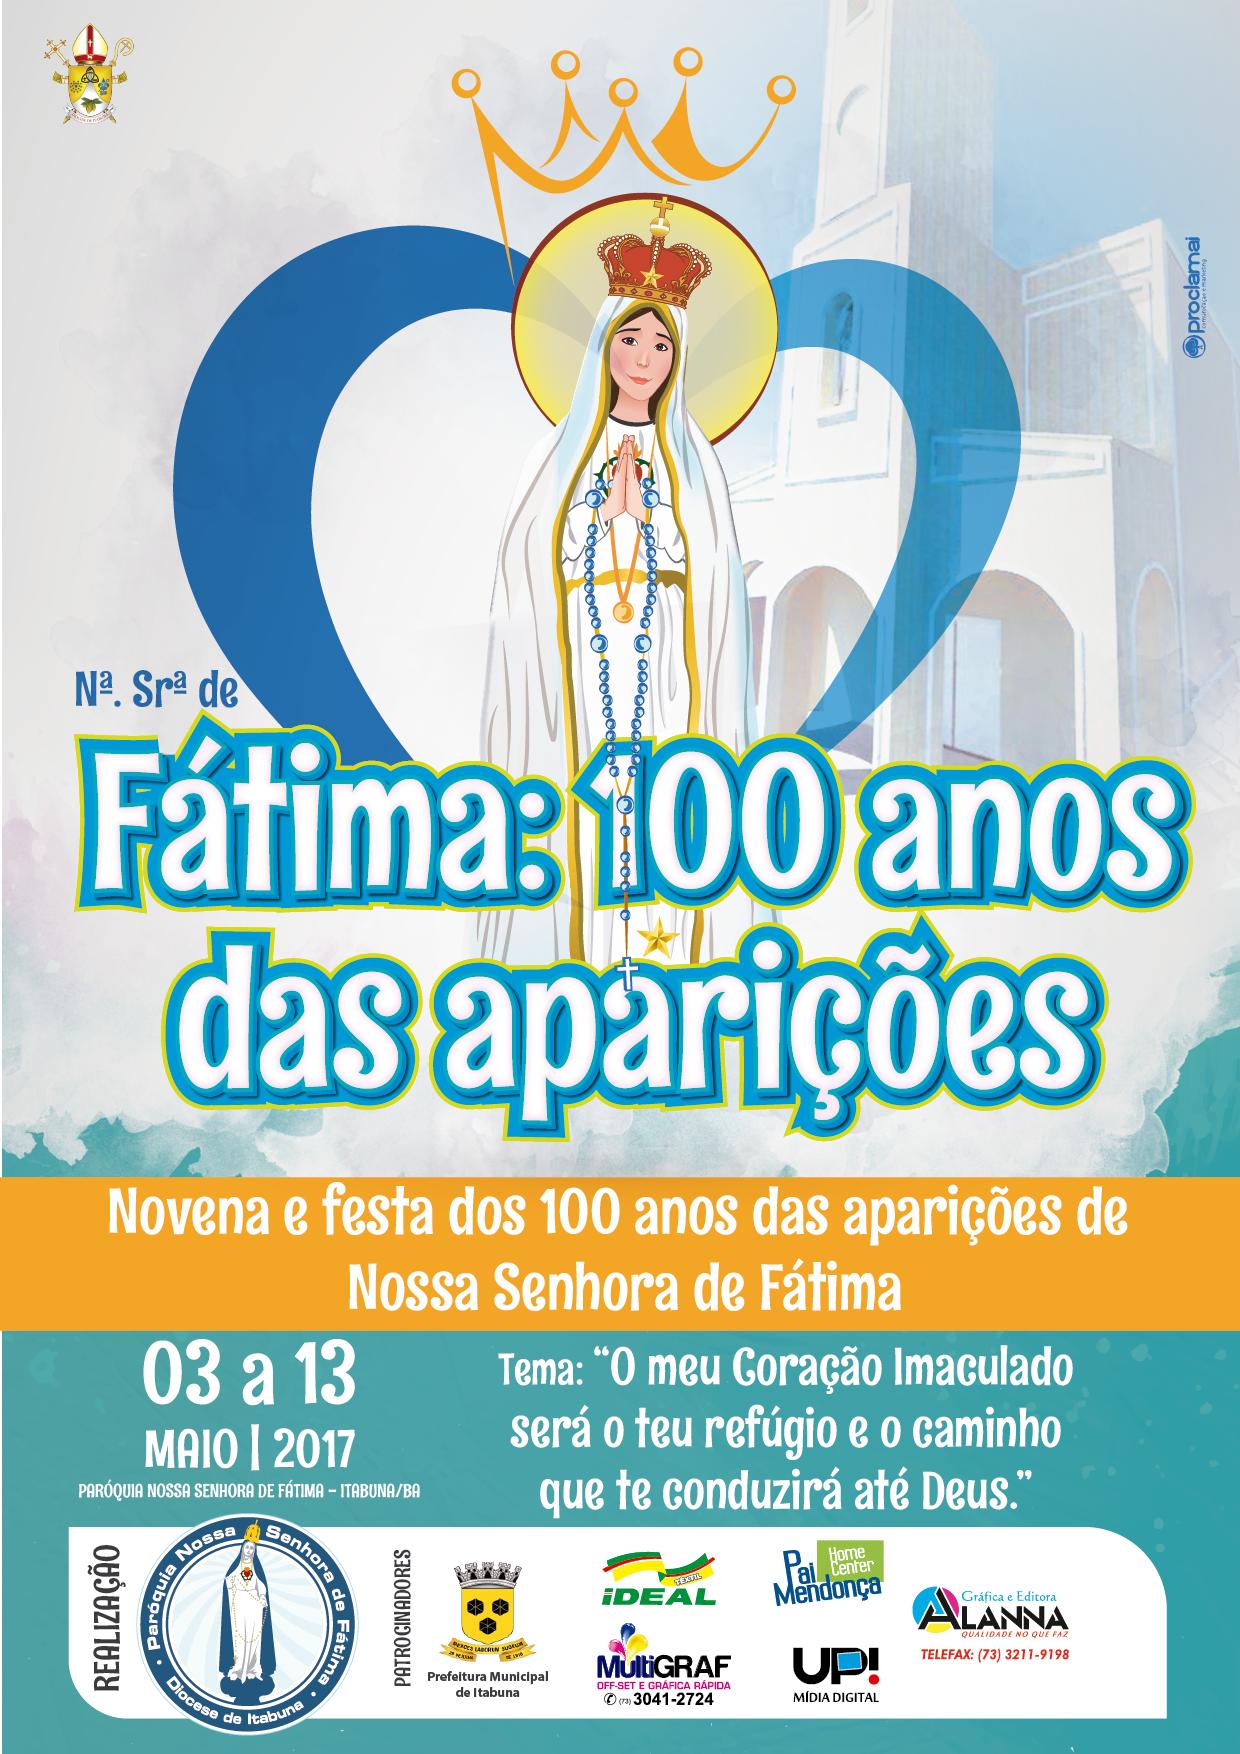 Novenário e Festa de Nossa Senhora de Fátima – 100 anos